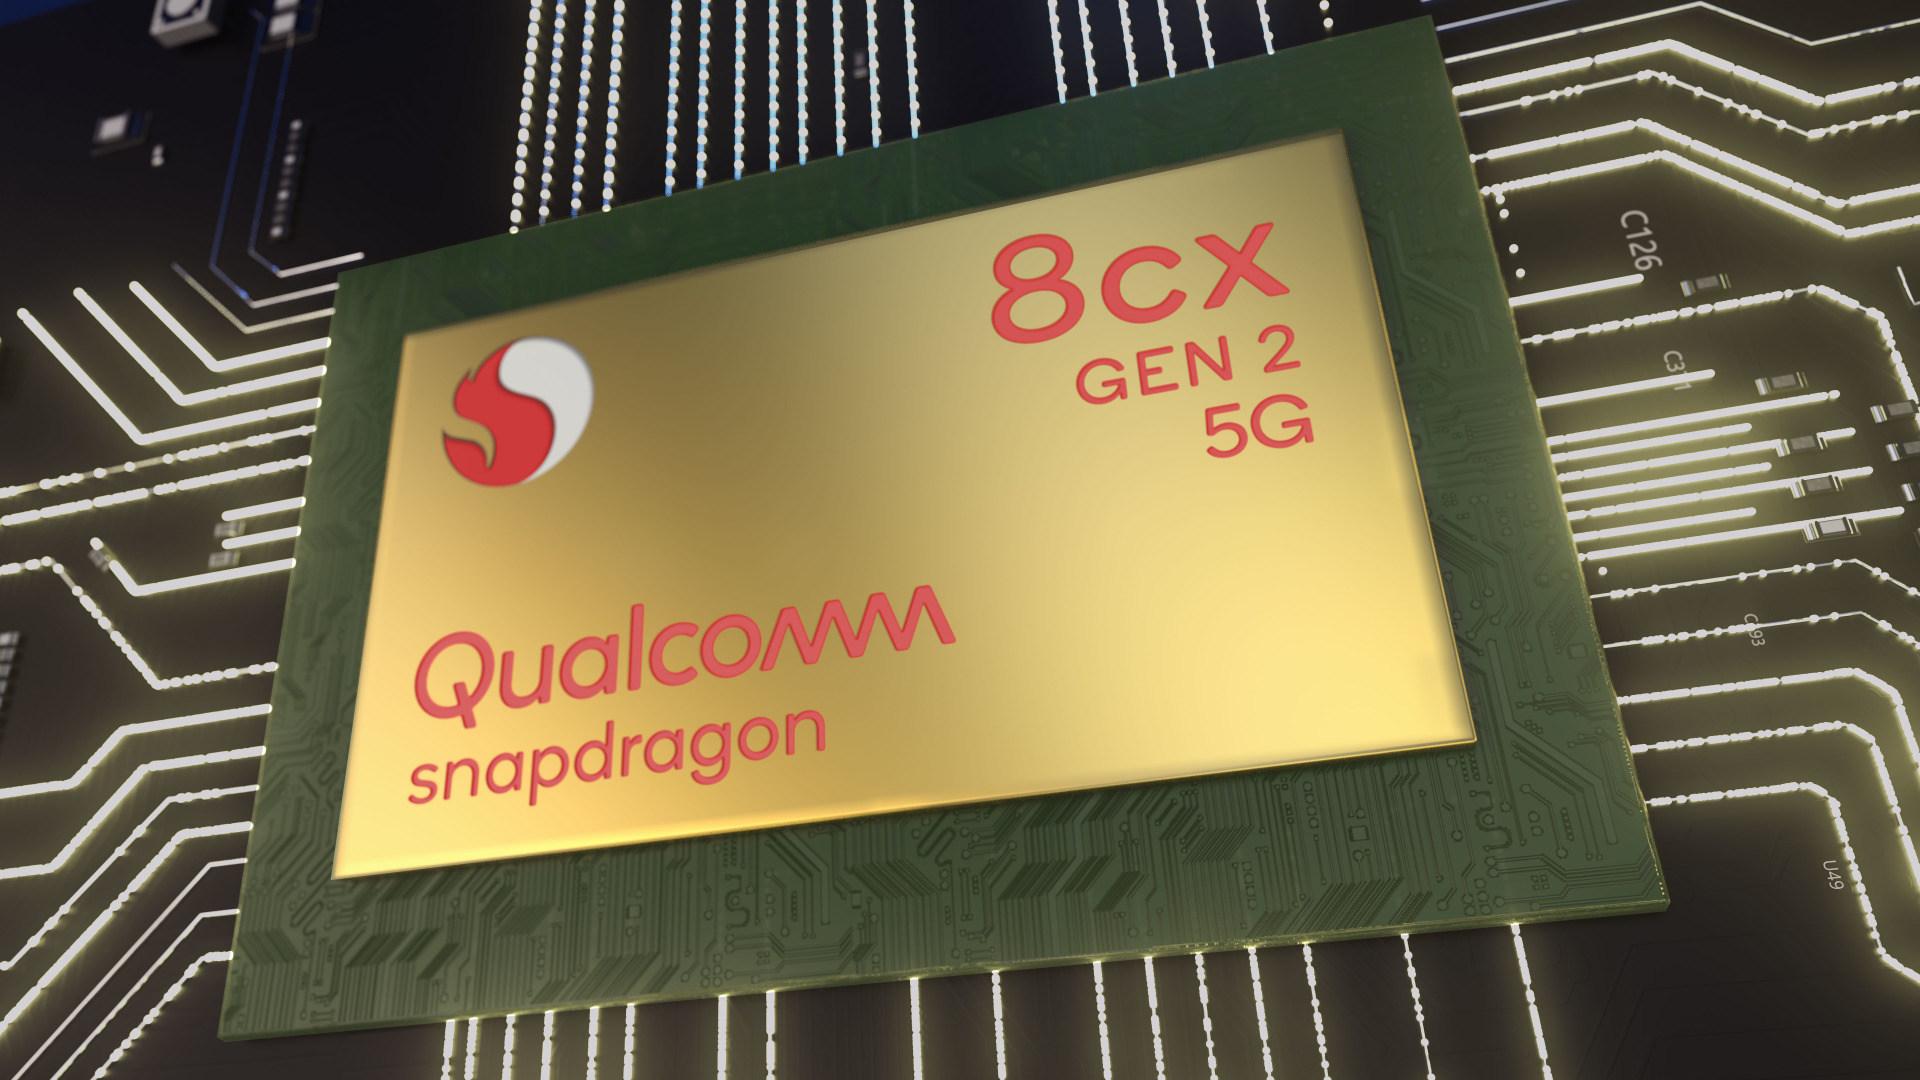 Prozessor, Cpu, Chip, Arm, SoC, Qualcomm, 5G, Prozessoren, Qualcomm Snapdragon 8cx, Snapdragon 8cx Gen 2